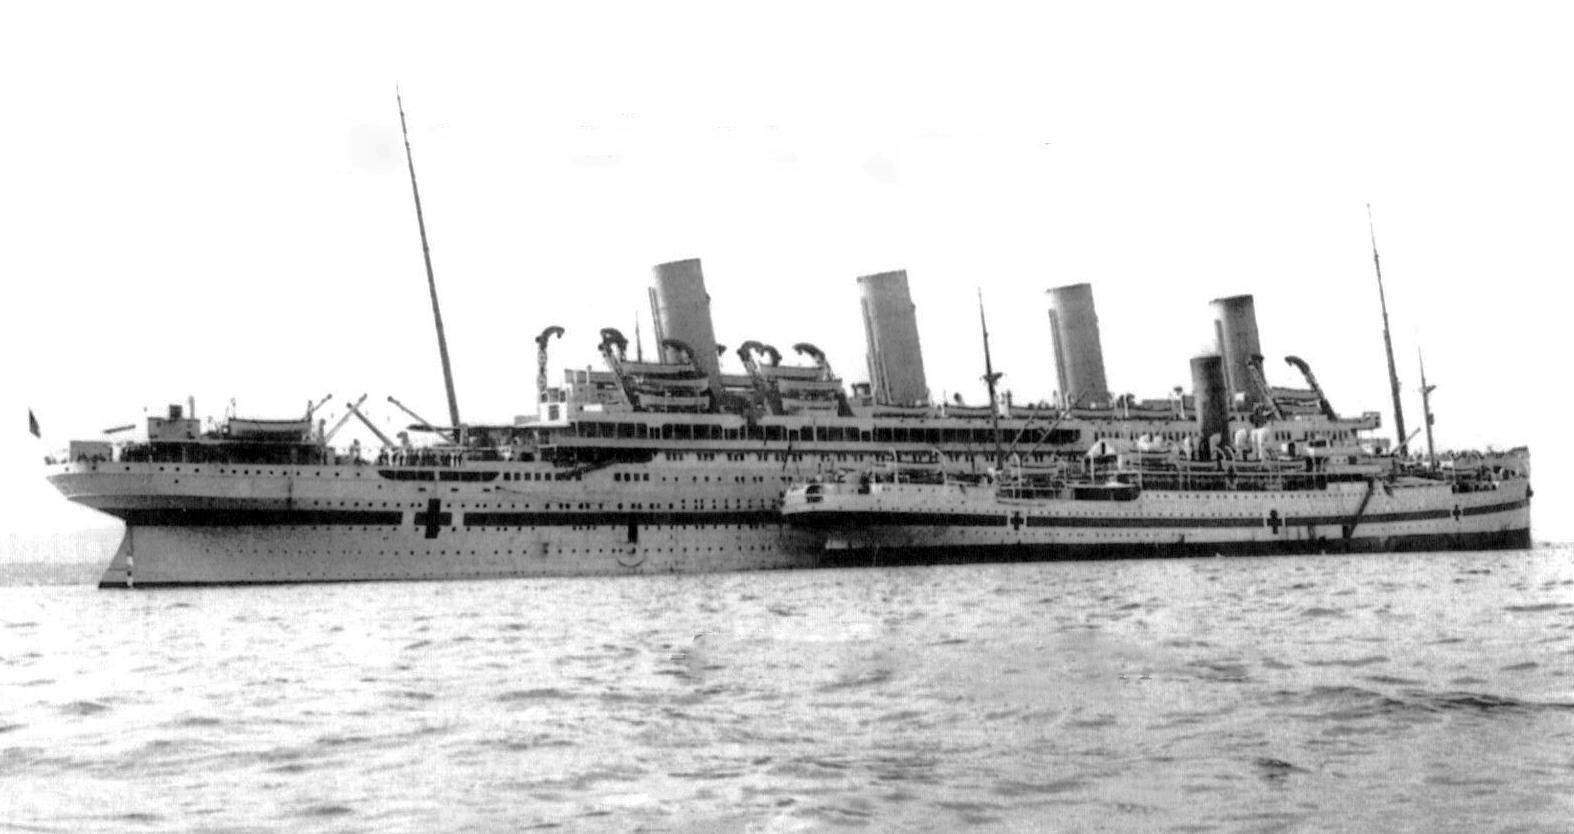 госпитальное судно Британник